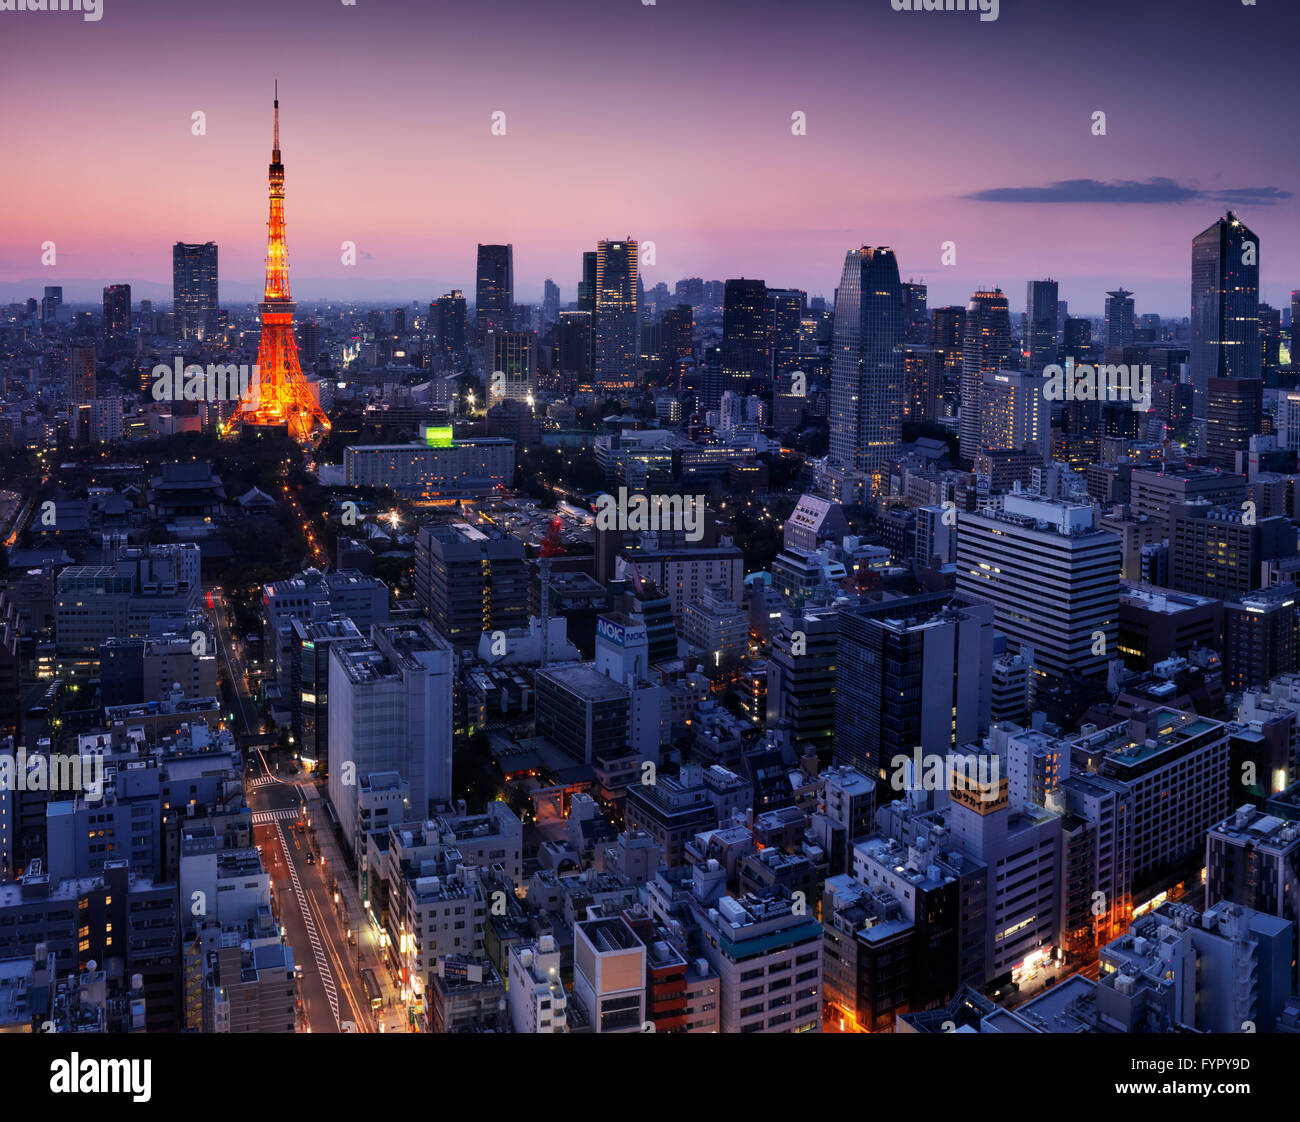 Paesaggio urbano dell'antenna con la Torre di Tokyo illuminato nel crepuscolo, Minato, Tokyo, Giappone Immagini Stock